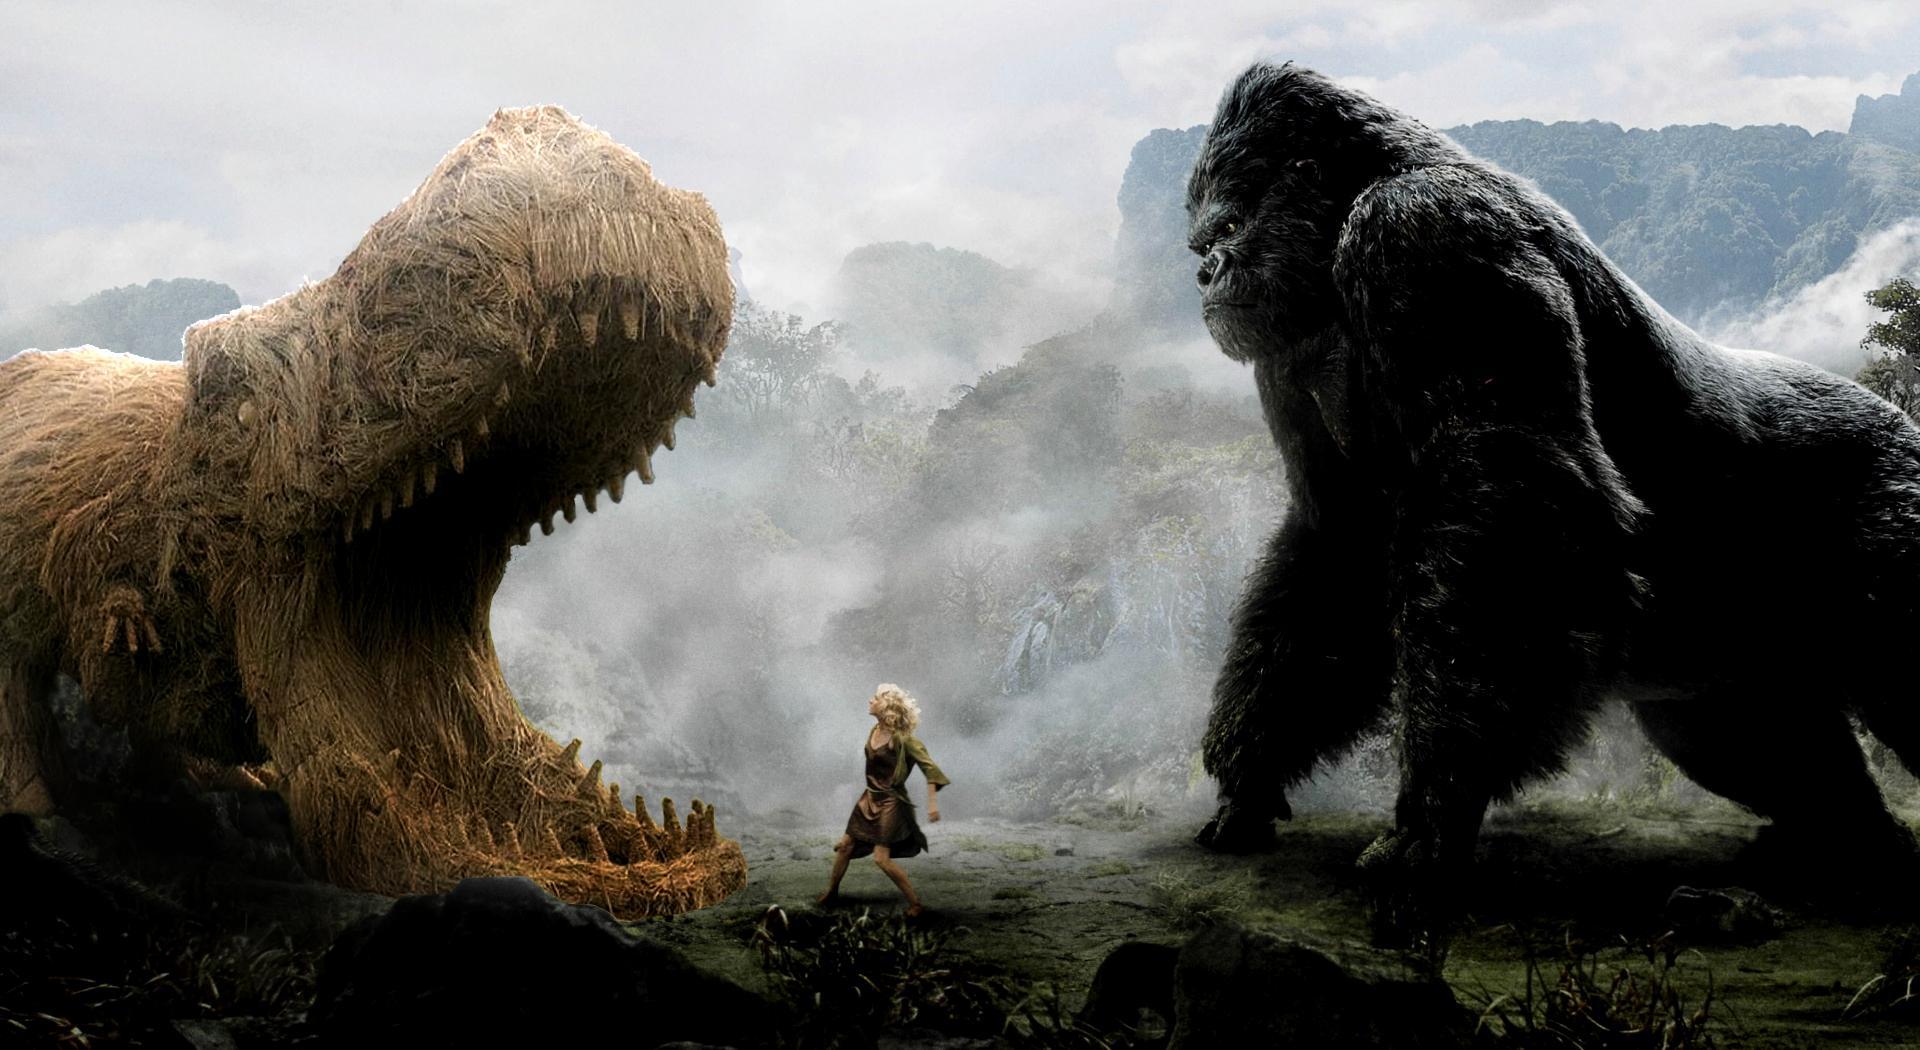 Batalla de Photoshop Crean memes con dinosaurio de Paja